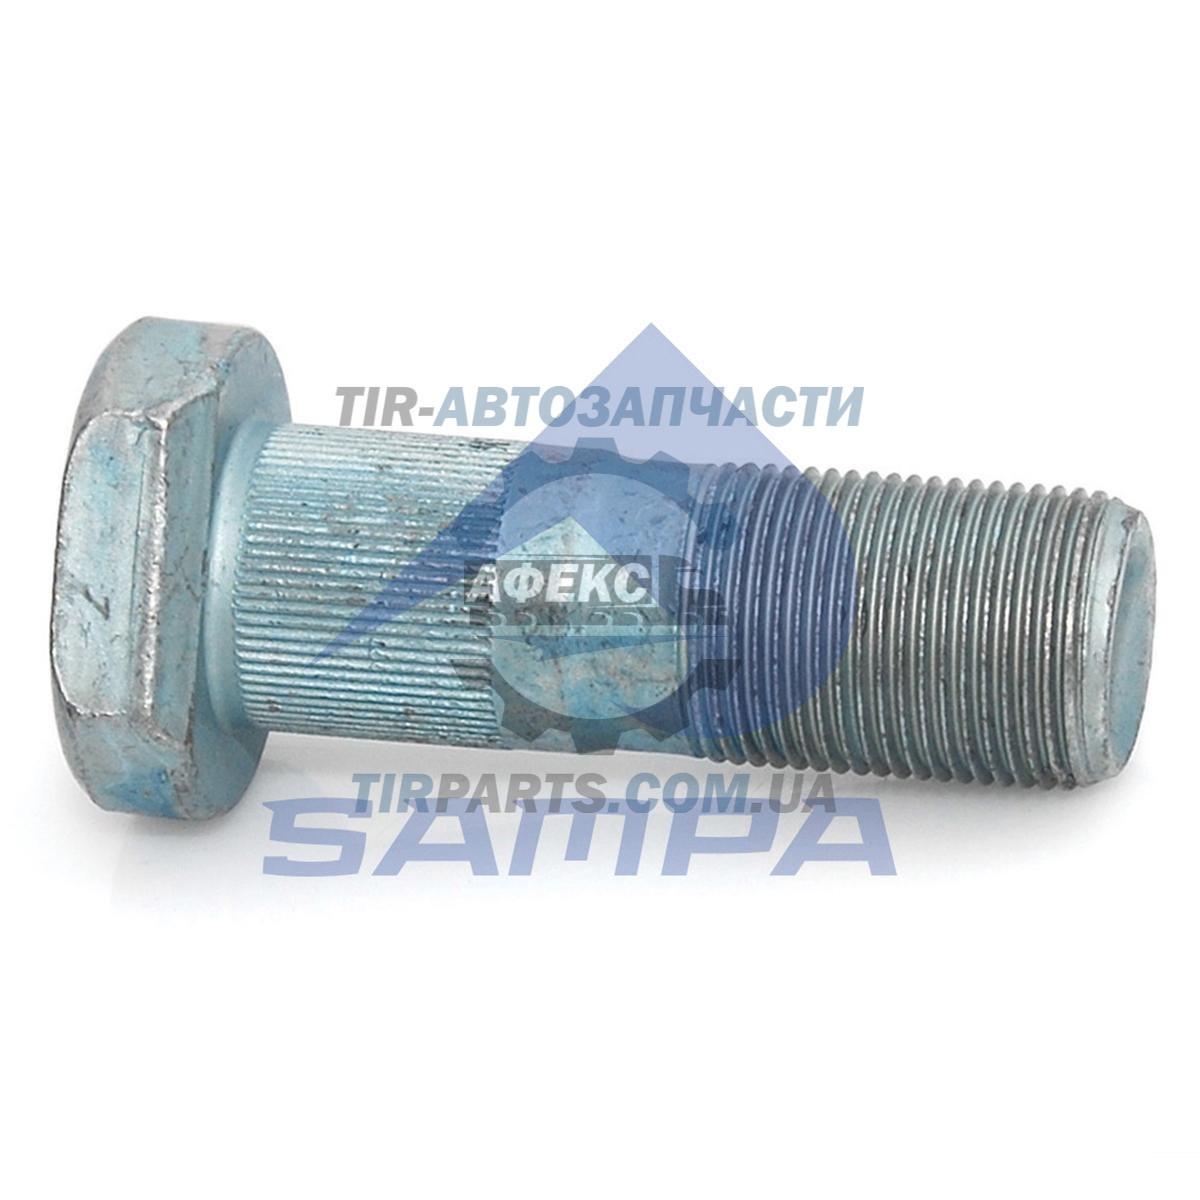 Шпилька M22x1,5/65 NEOPLAN (81455010129 | 022.404)